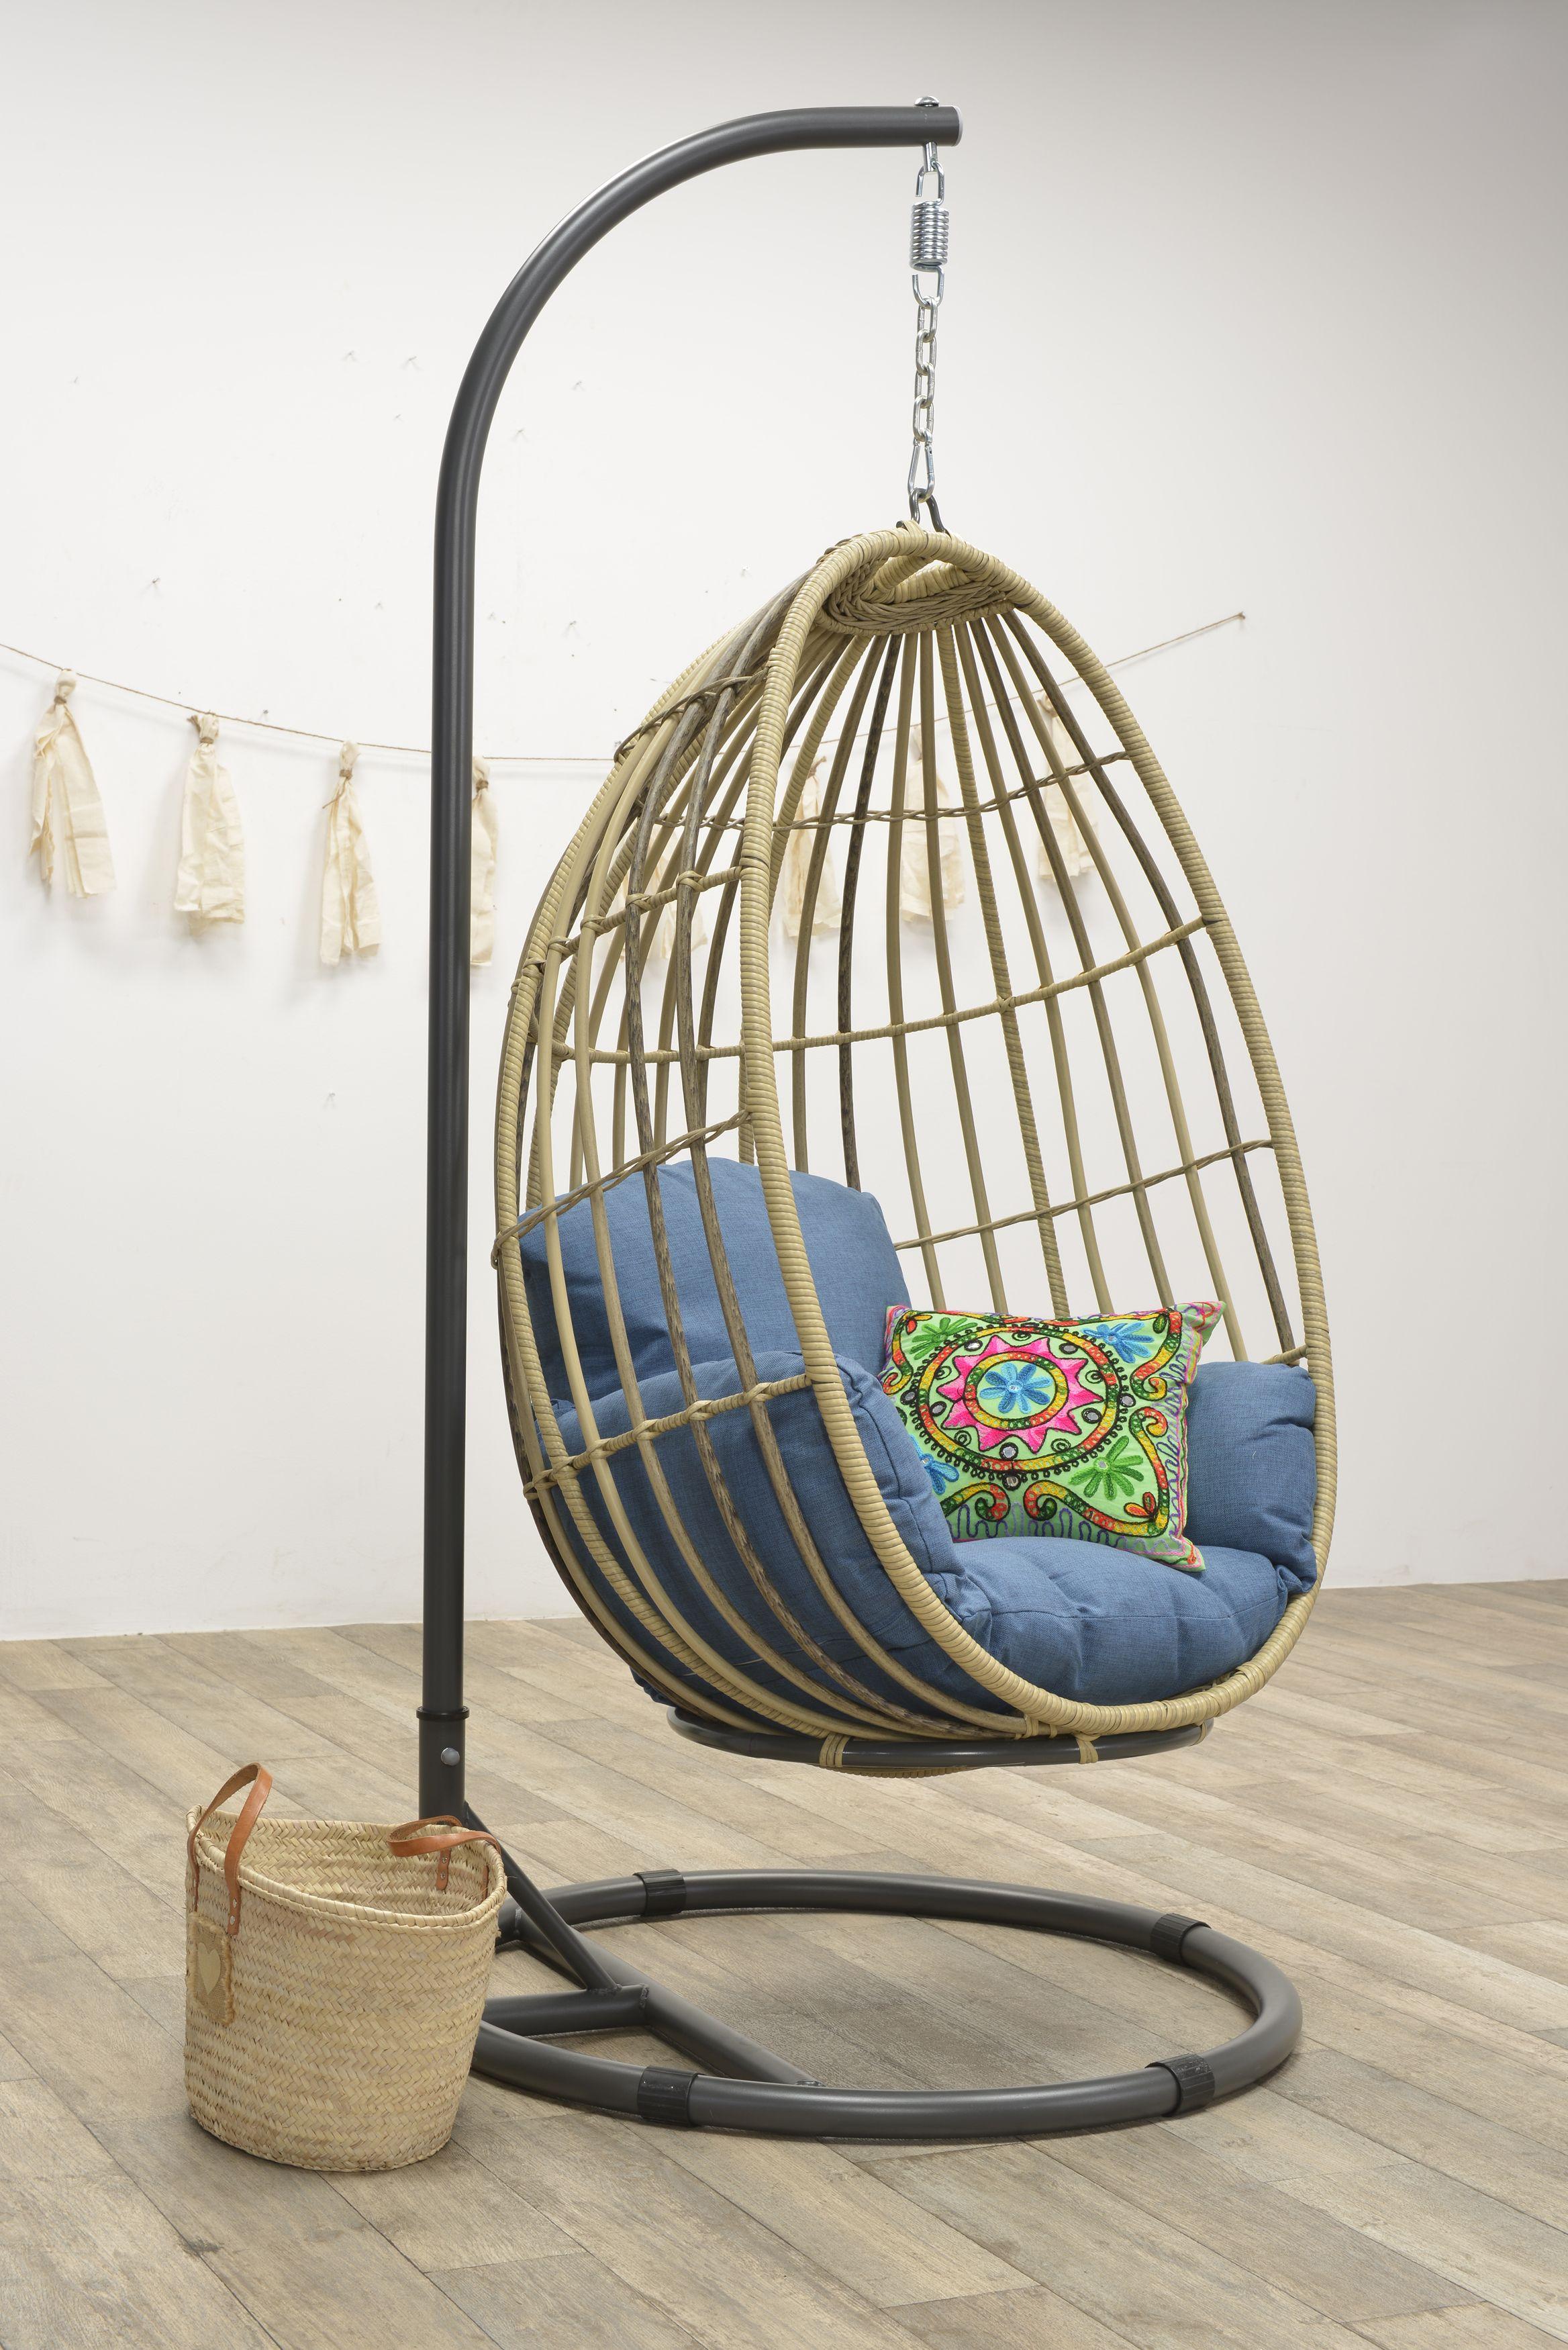 Hangstoel Rotan Buiten.Rotan Tuintrend De Mooiste Tuinstoelen In De Kunststof Wicker